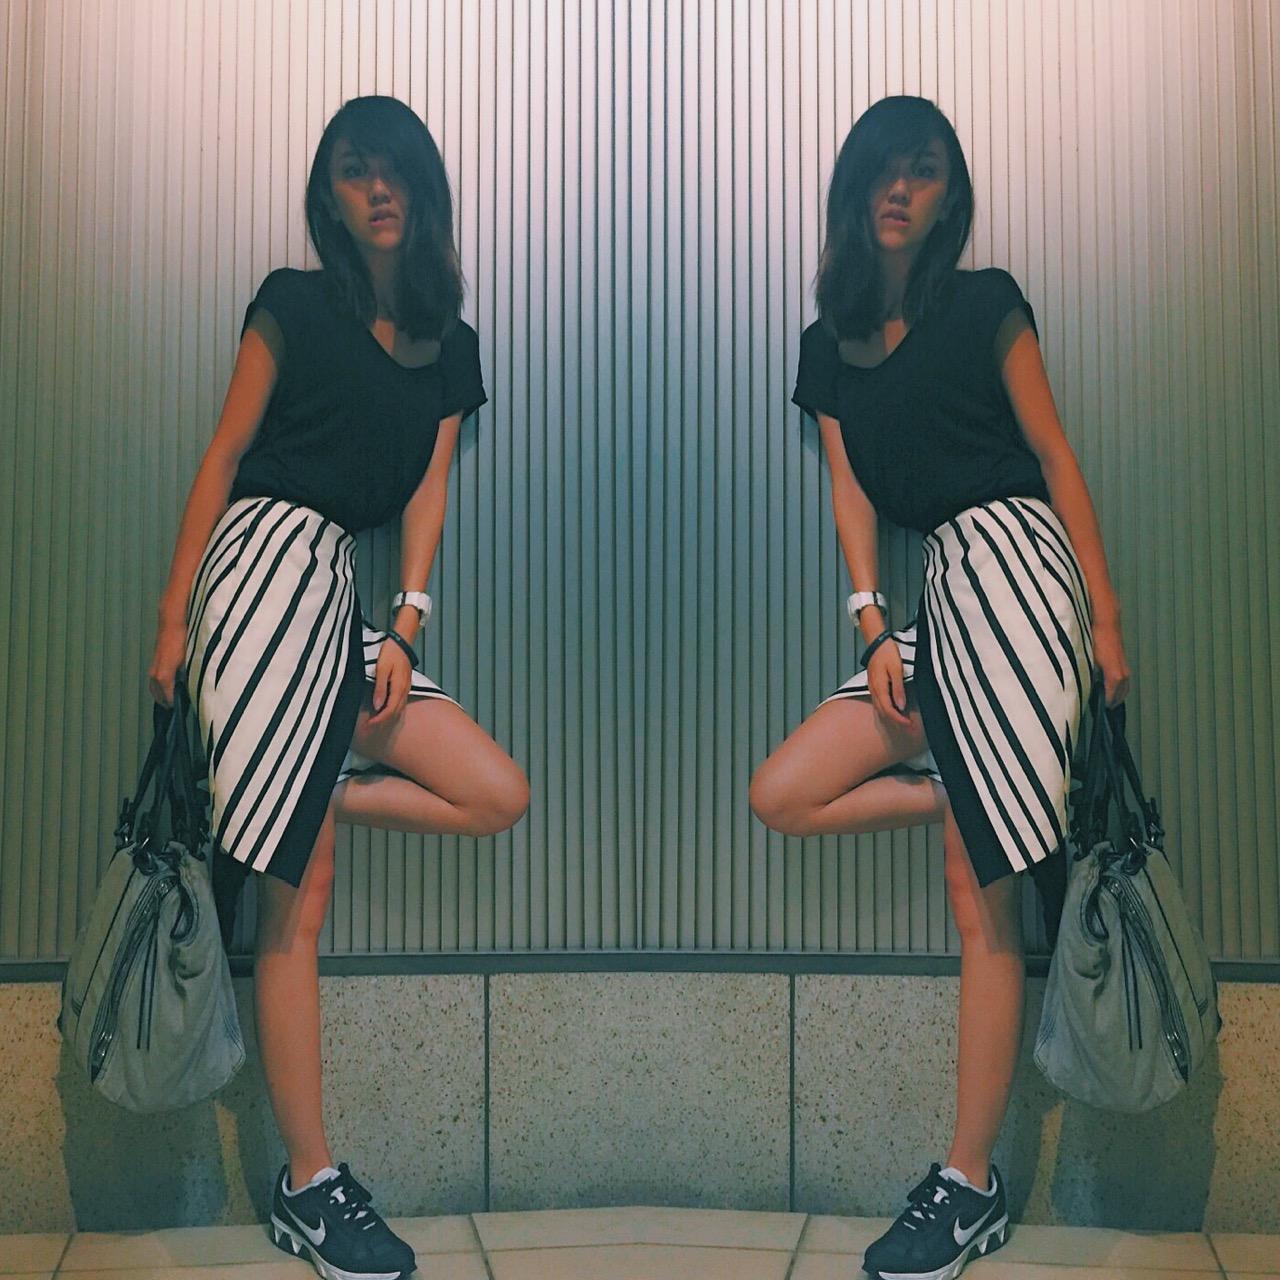 やっぱりモード×スポーツがお好き。ZARAのnewスカートでブラックコーデ!#ootd #outfit